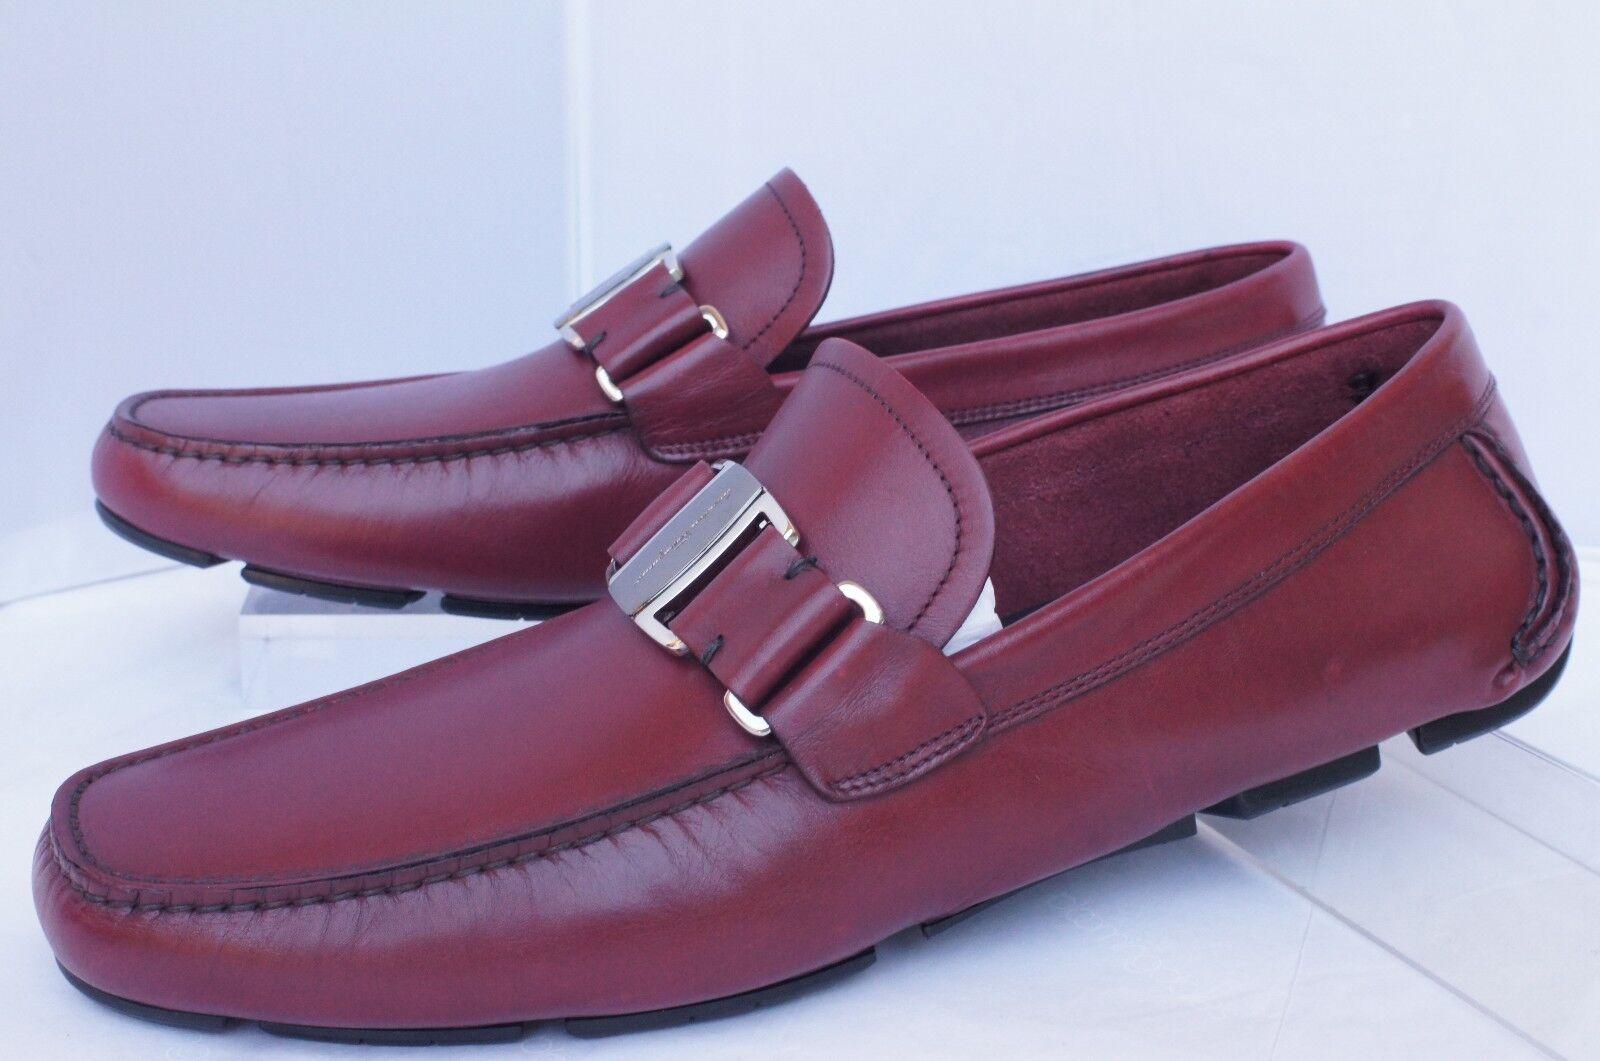 11 e shoe size